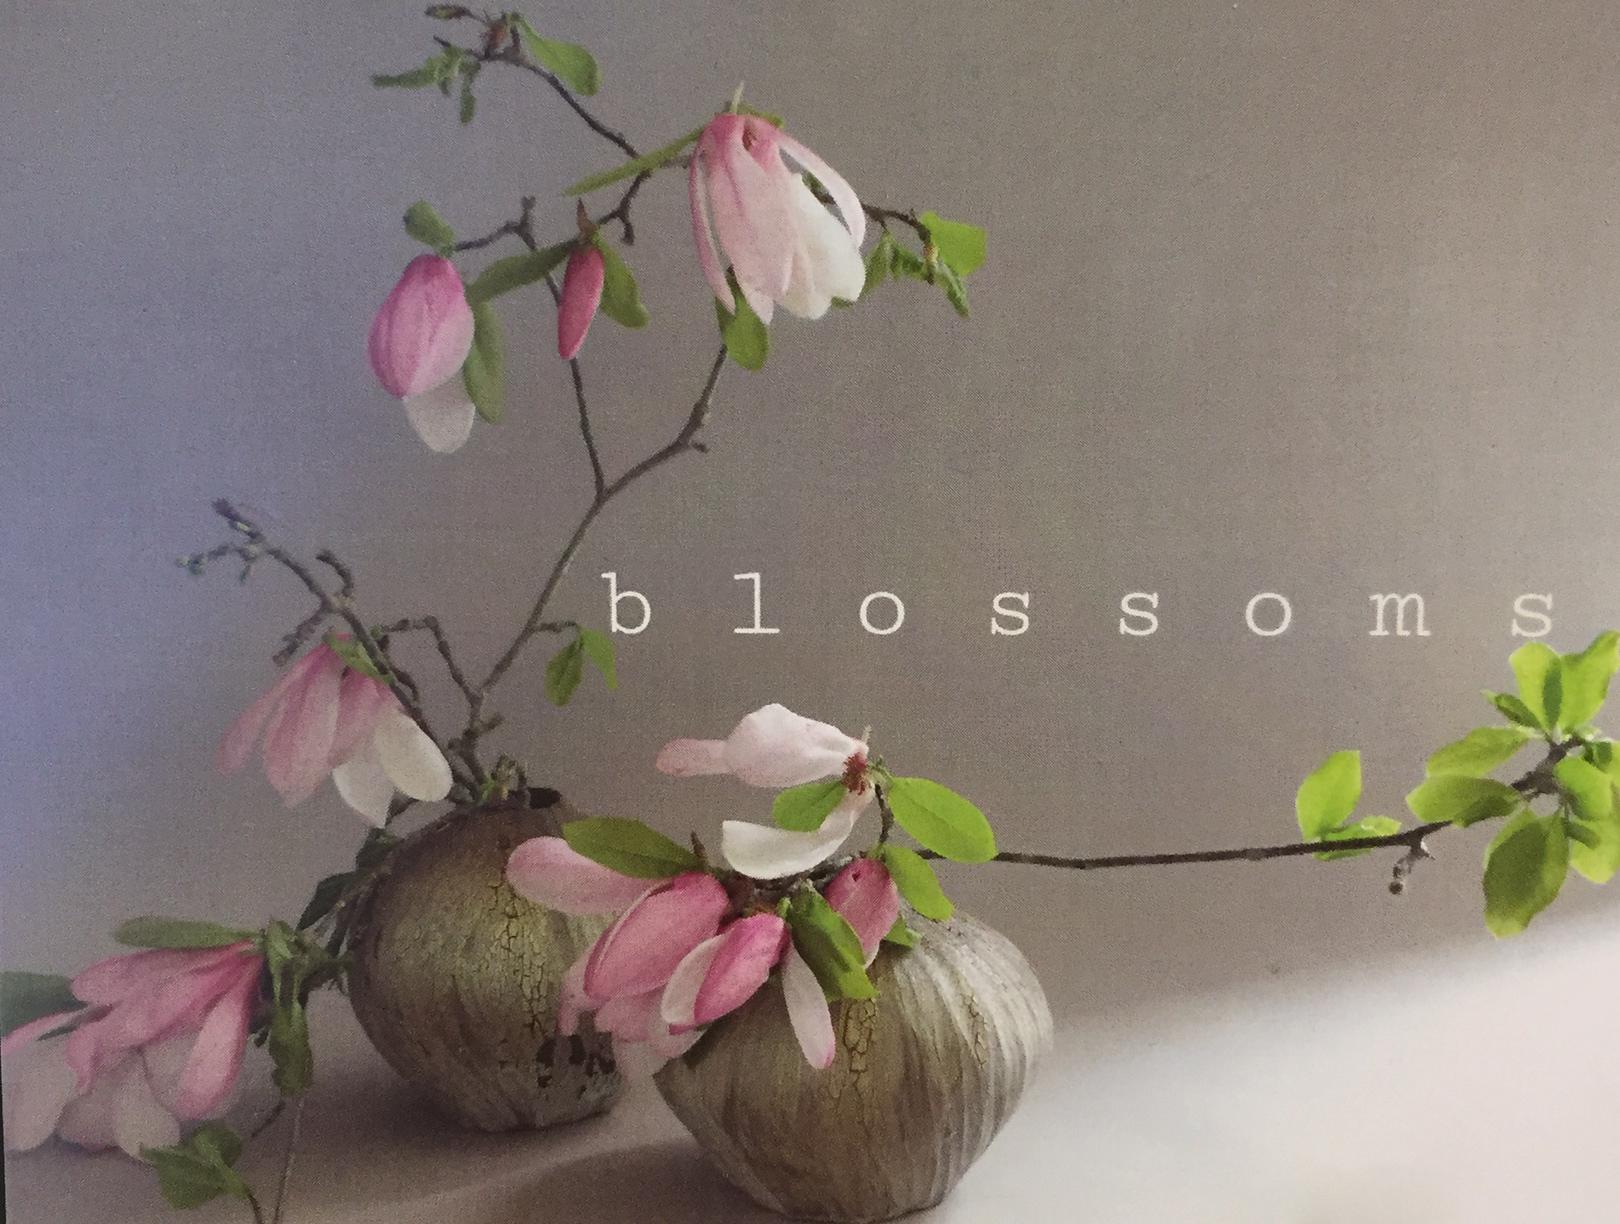 blossom3.jpg